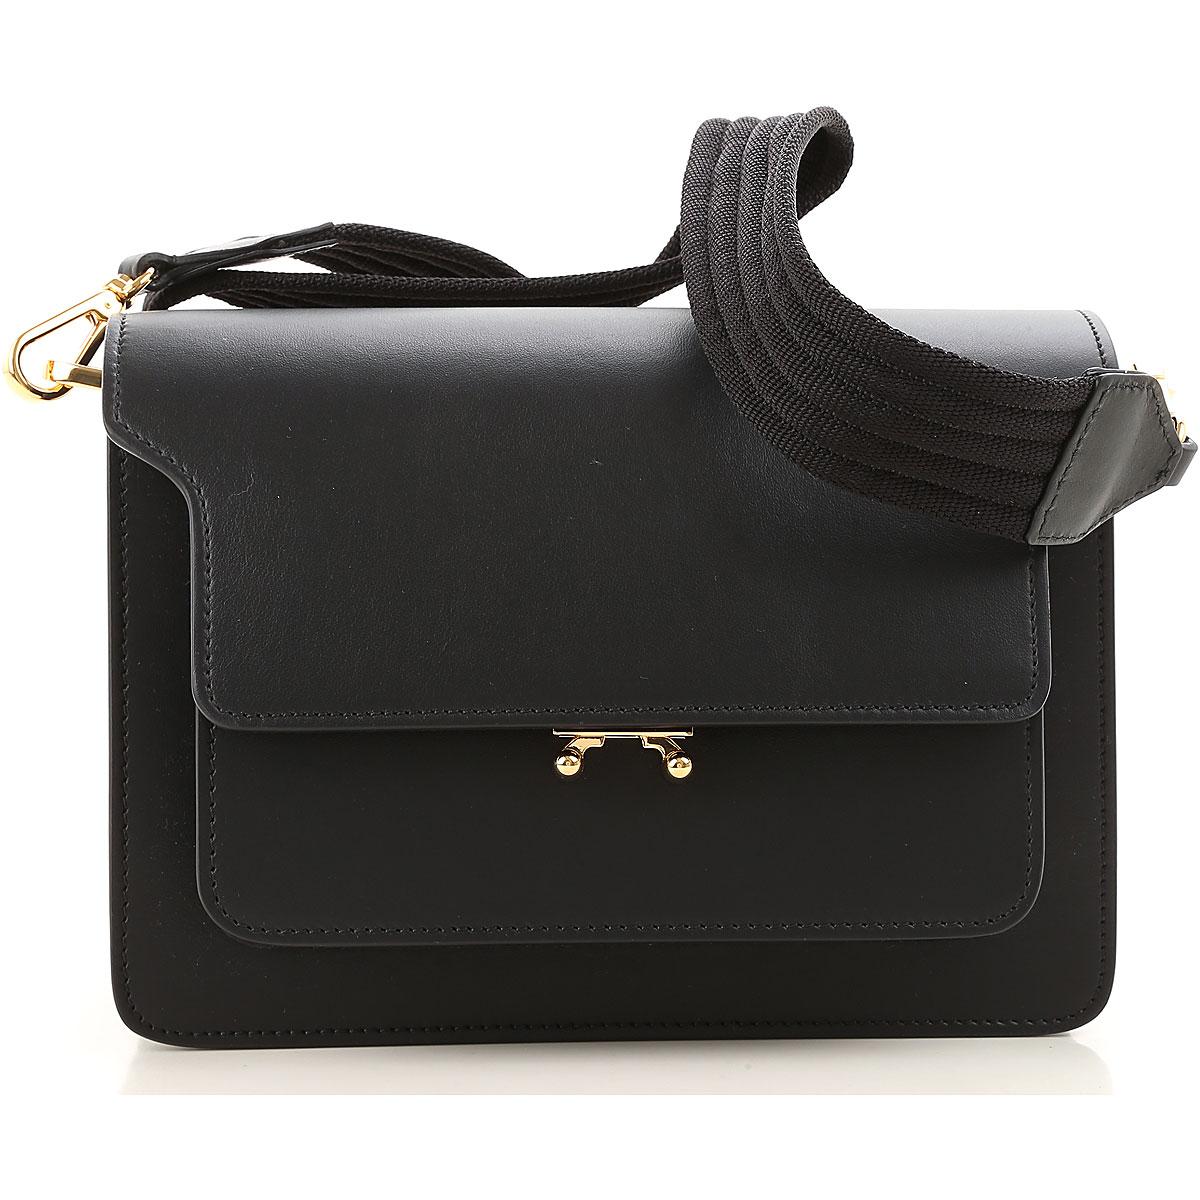 Image of Marni Shoulder Bag for Women, Black, Leather, 2017